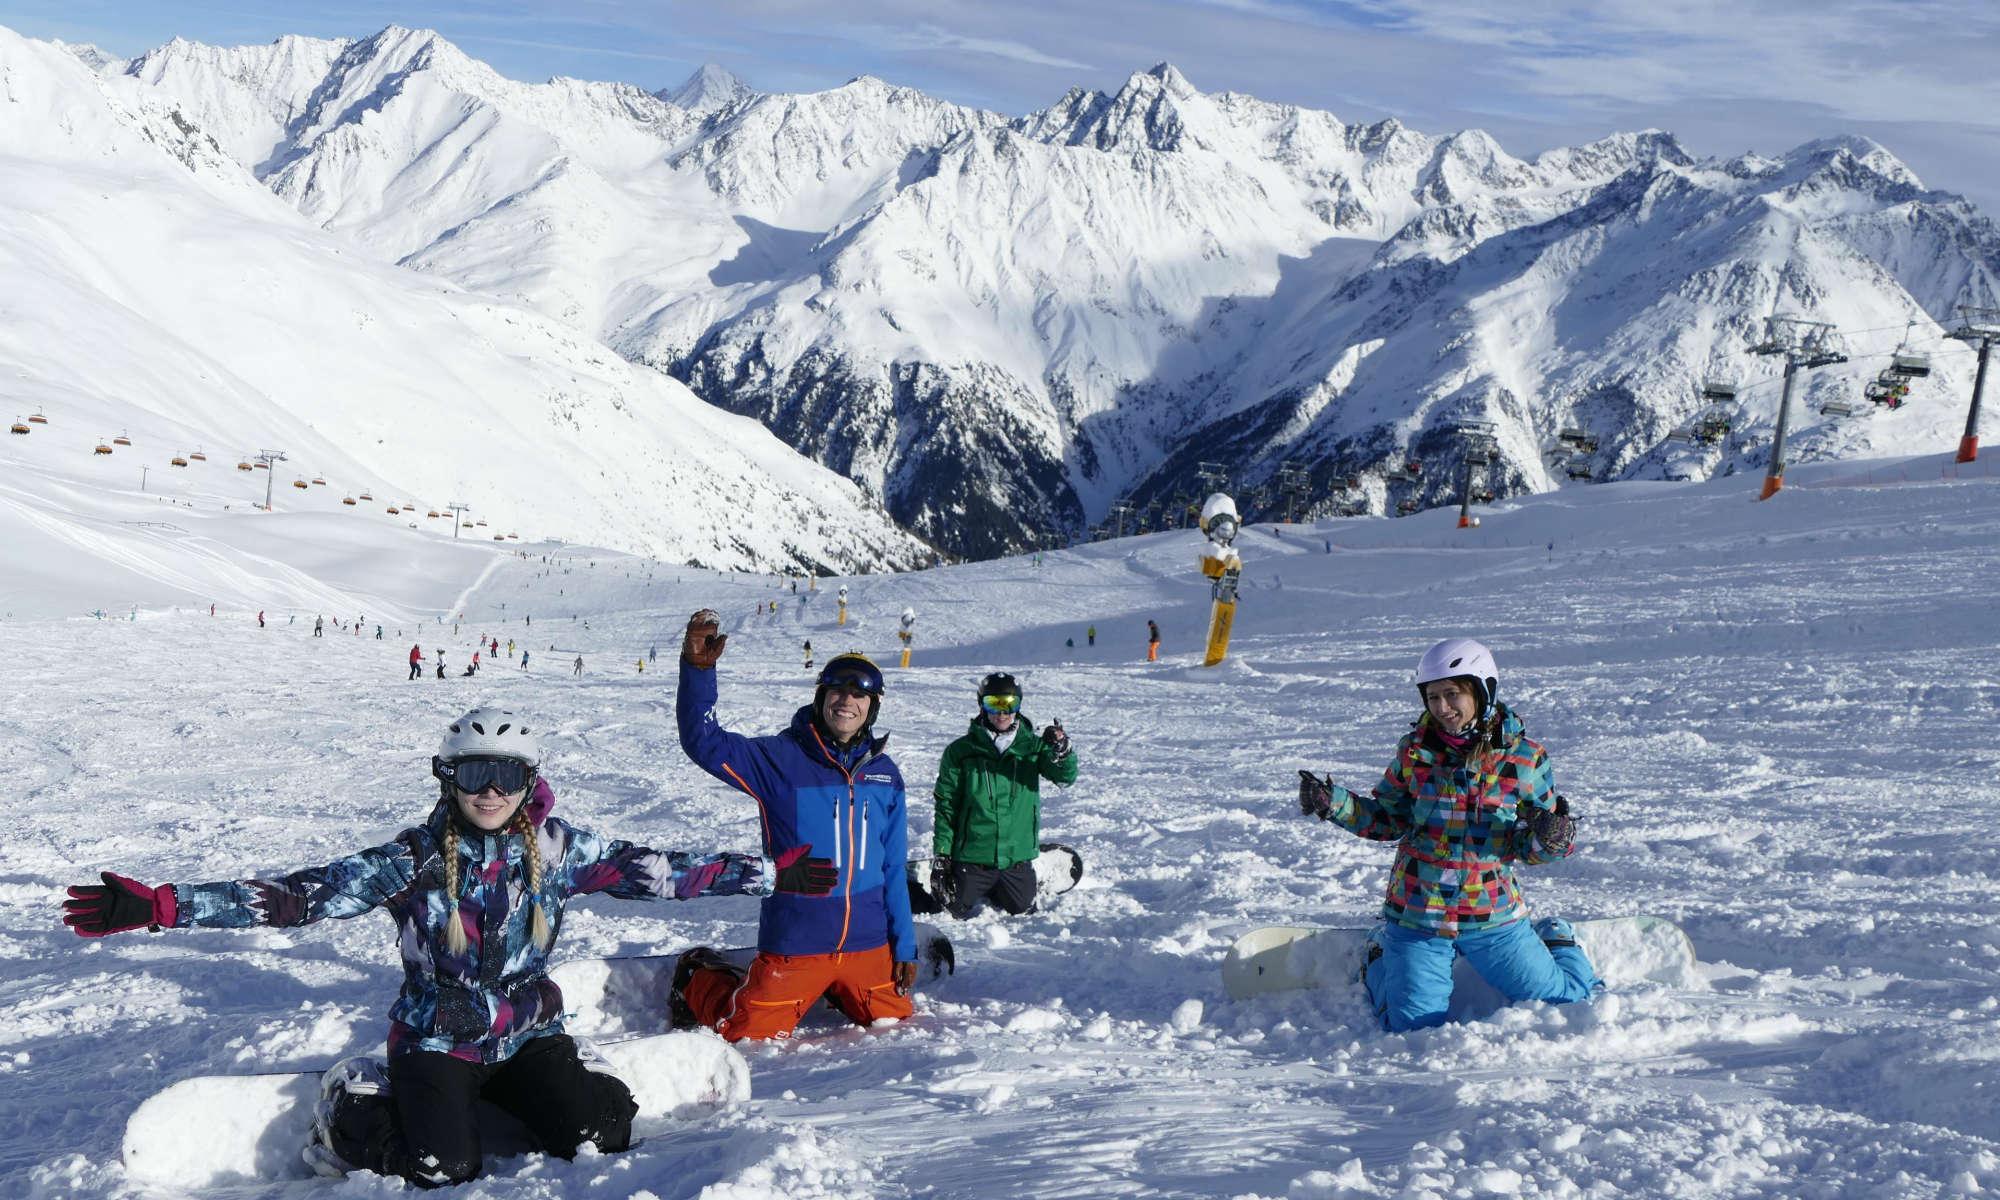 Eine Gruppe Jugendlicher lernt das Snowboarden im Snowboardkurs auf den Pisten im Skigebiet Sölden.